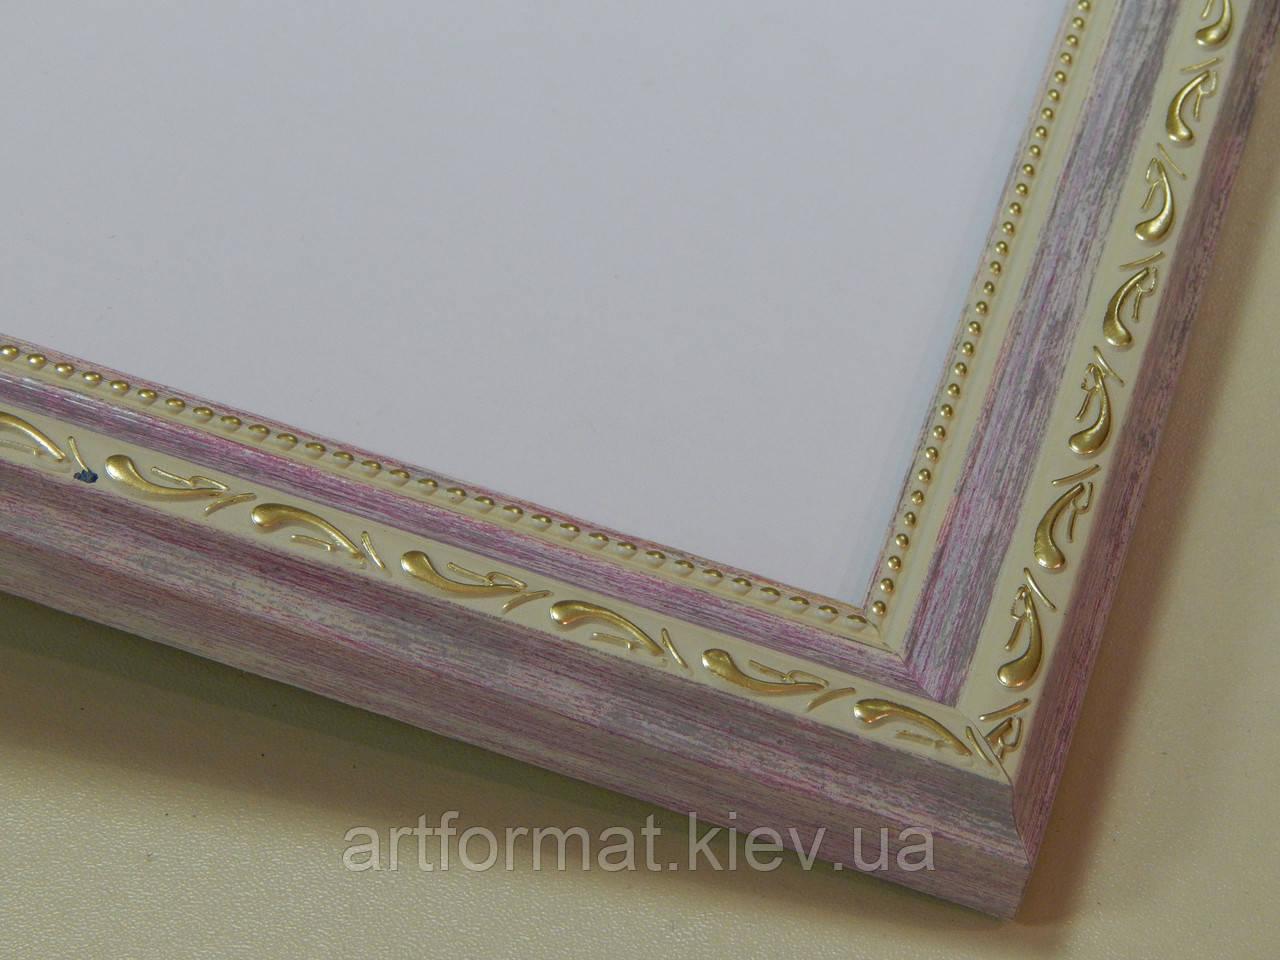 РАМКА 30х40.25 мм.Розовый с орнаментом.Для фото,дипломов,картин.